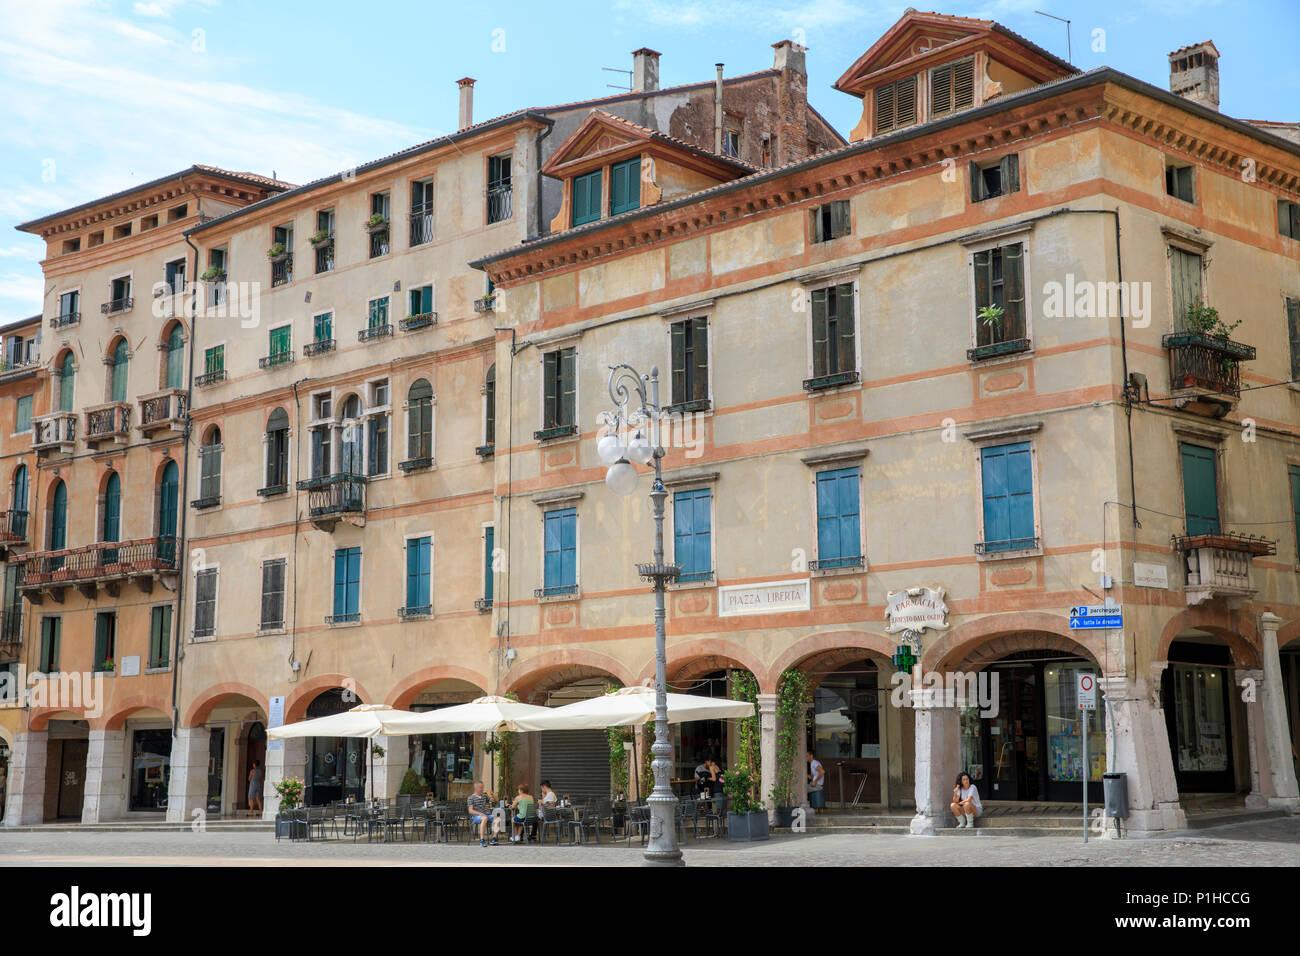 Piazza Libertà, Bassano del Grappa, Italy - Stock Image